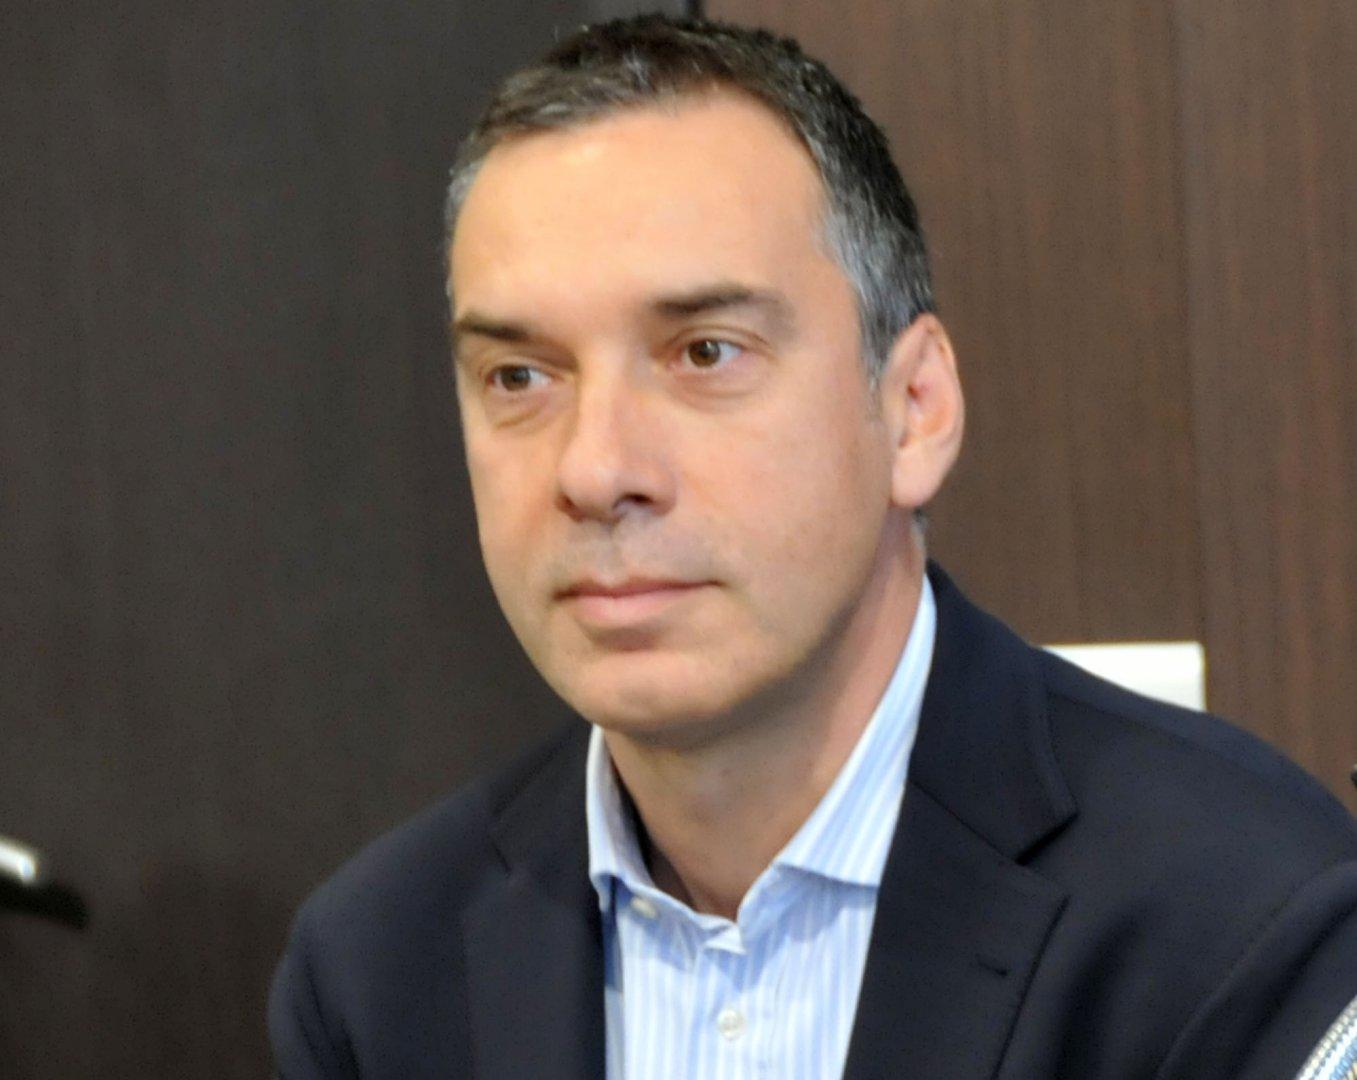 Добре е да се знае, че освен равни права, всички имат и равни задължения, каза кметът Николов. Снимка Лина Главинова